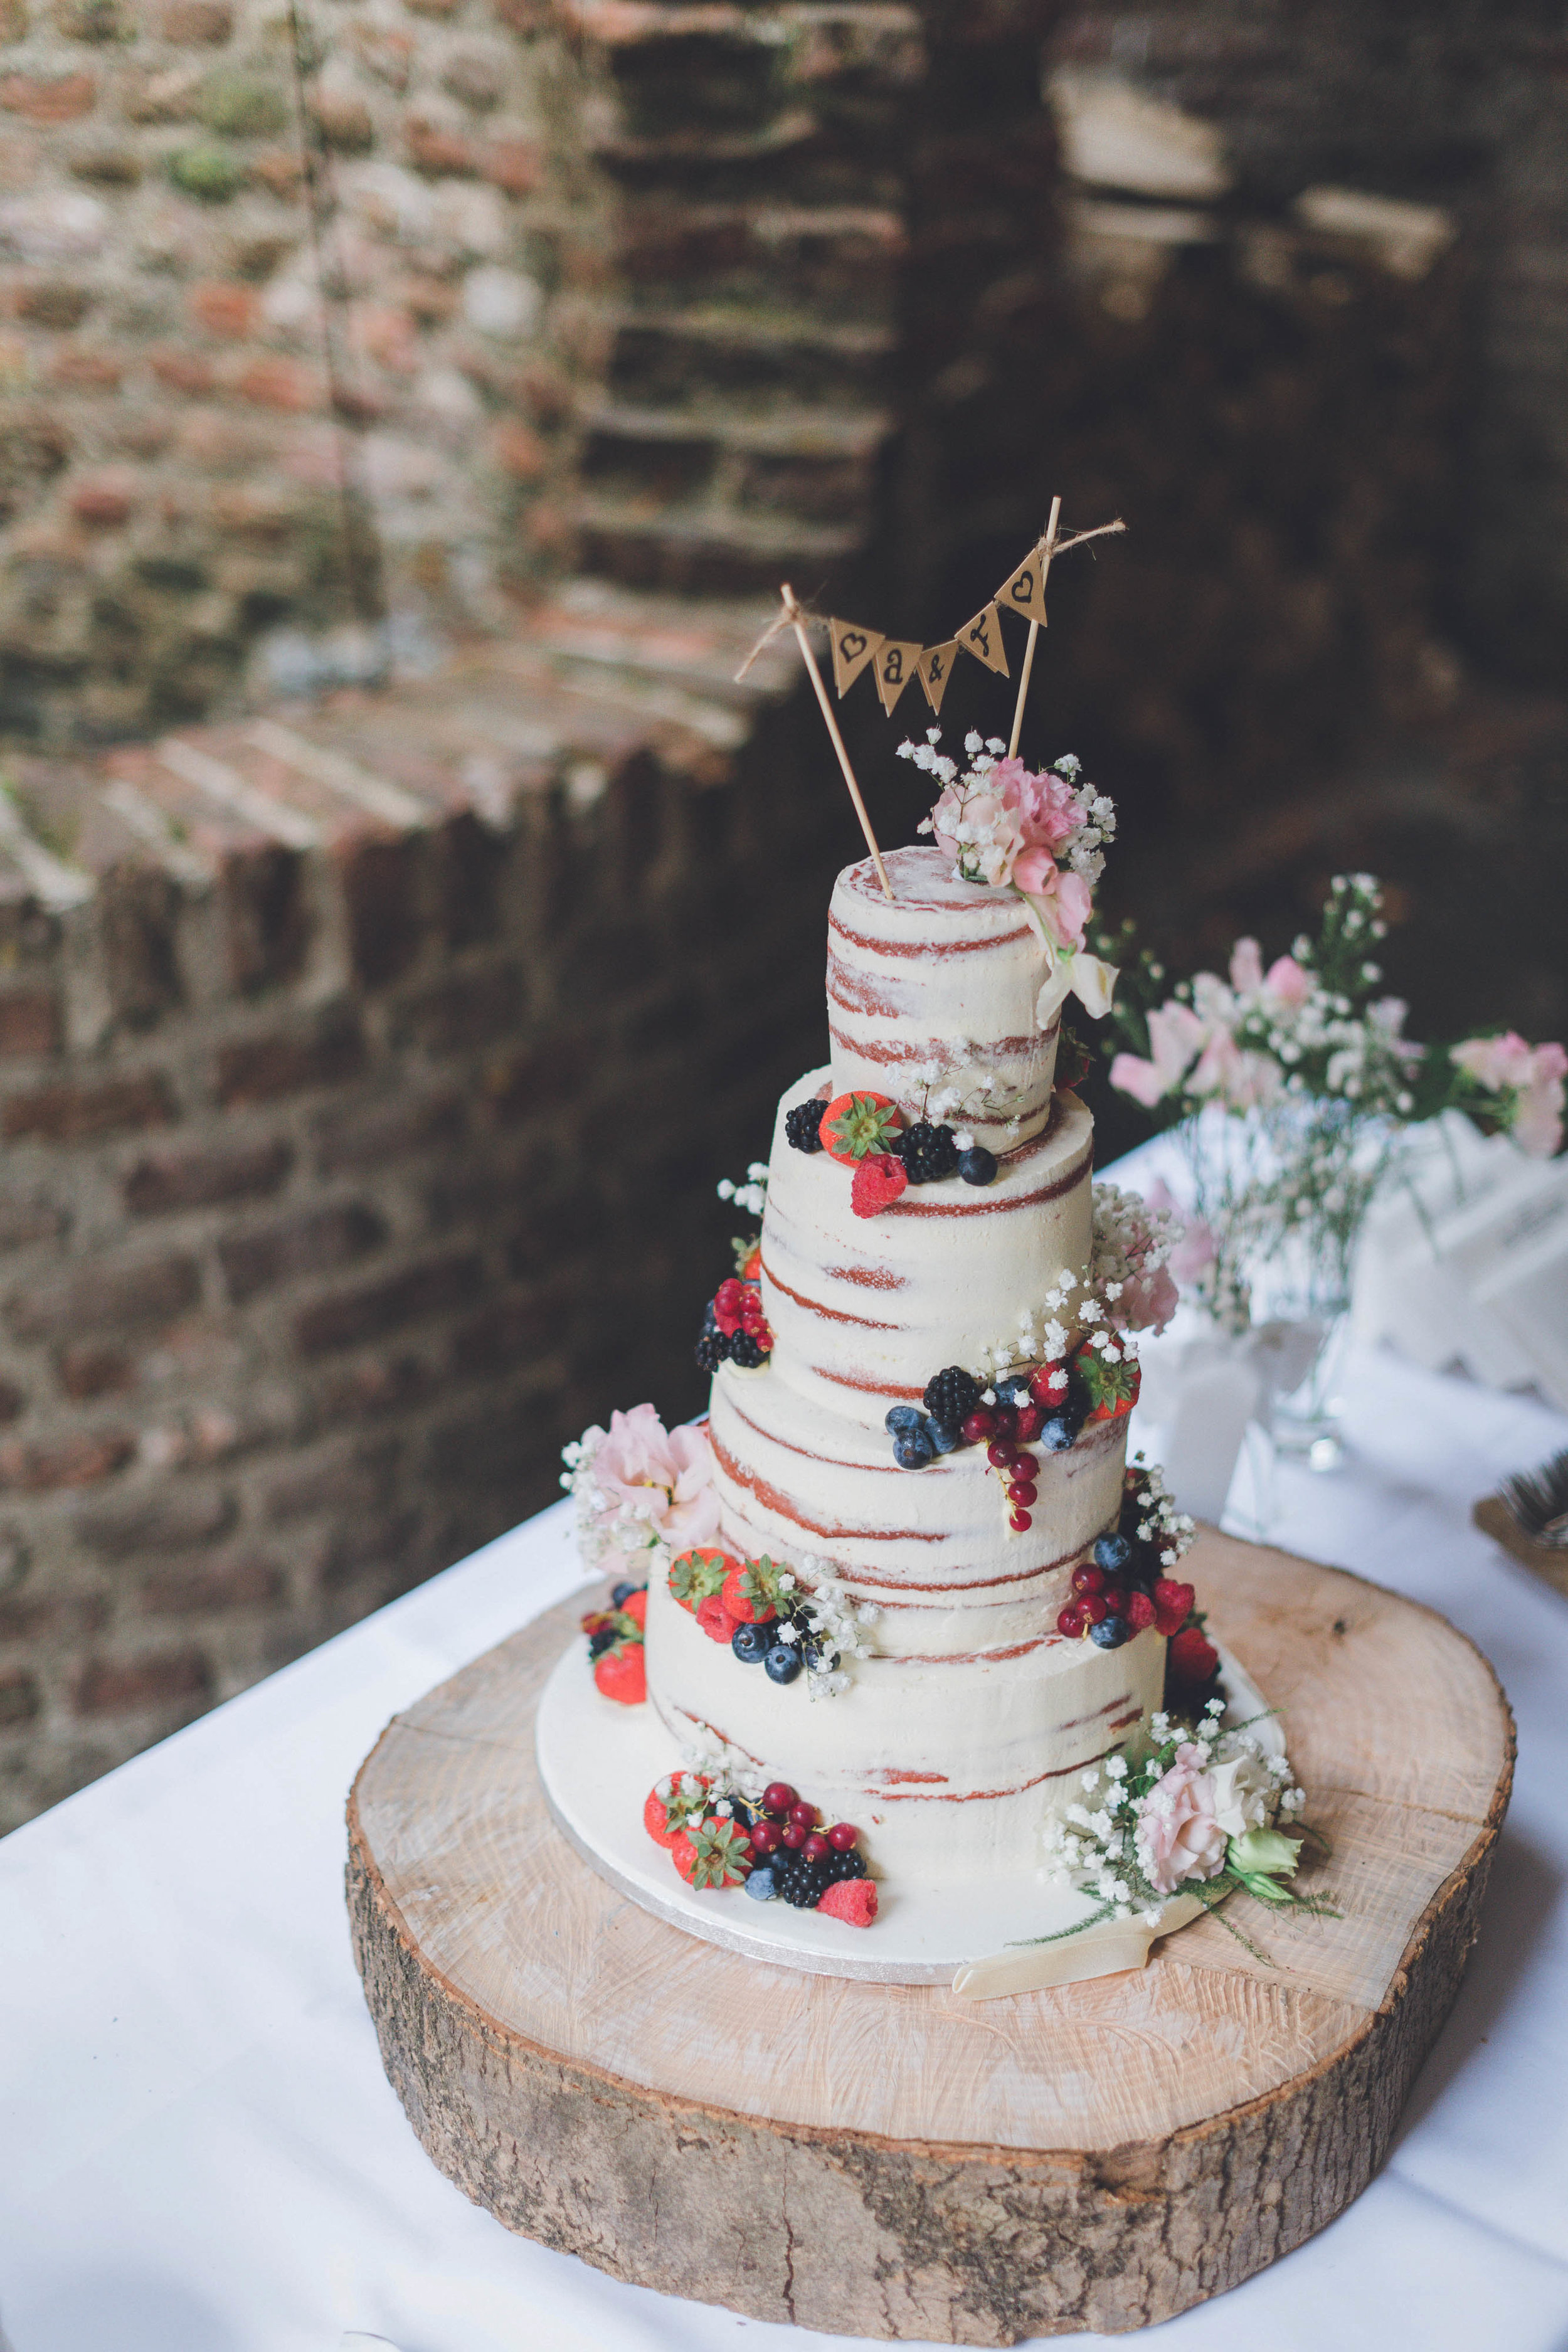 Een prachtige bruidstaart gemaakt op een bruiloft. Als trouwfotograaf probeer ik een verhaal te maken van jouw bruiloft, daarom is belangrijk om ook alle details vast te leggen.